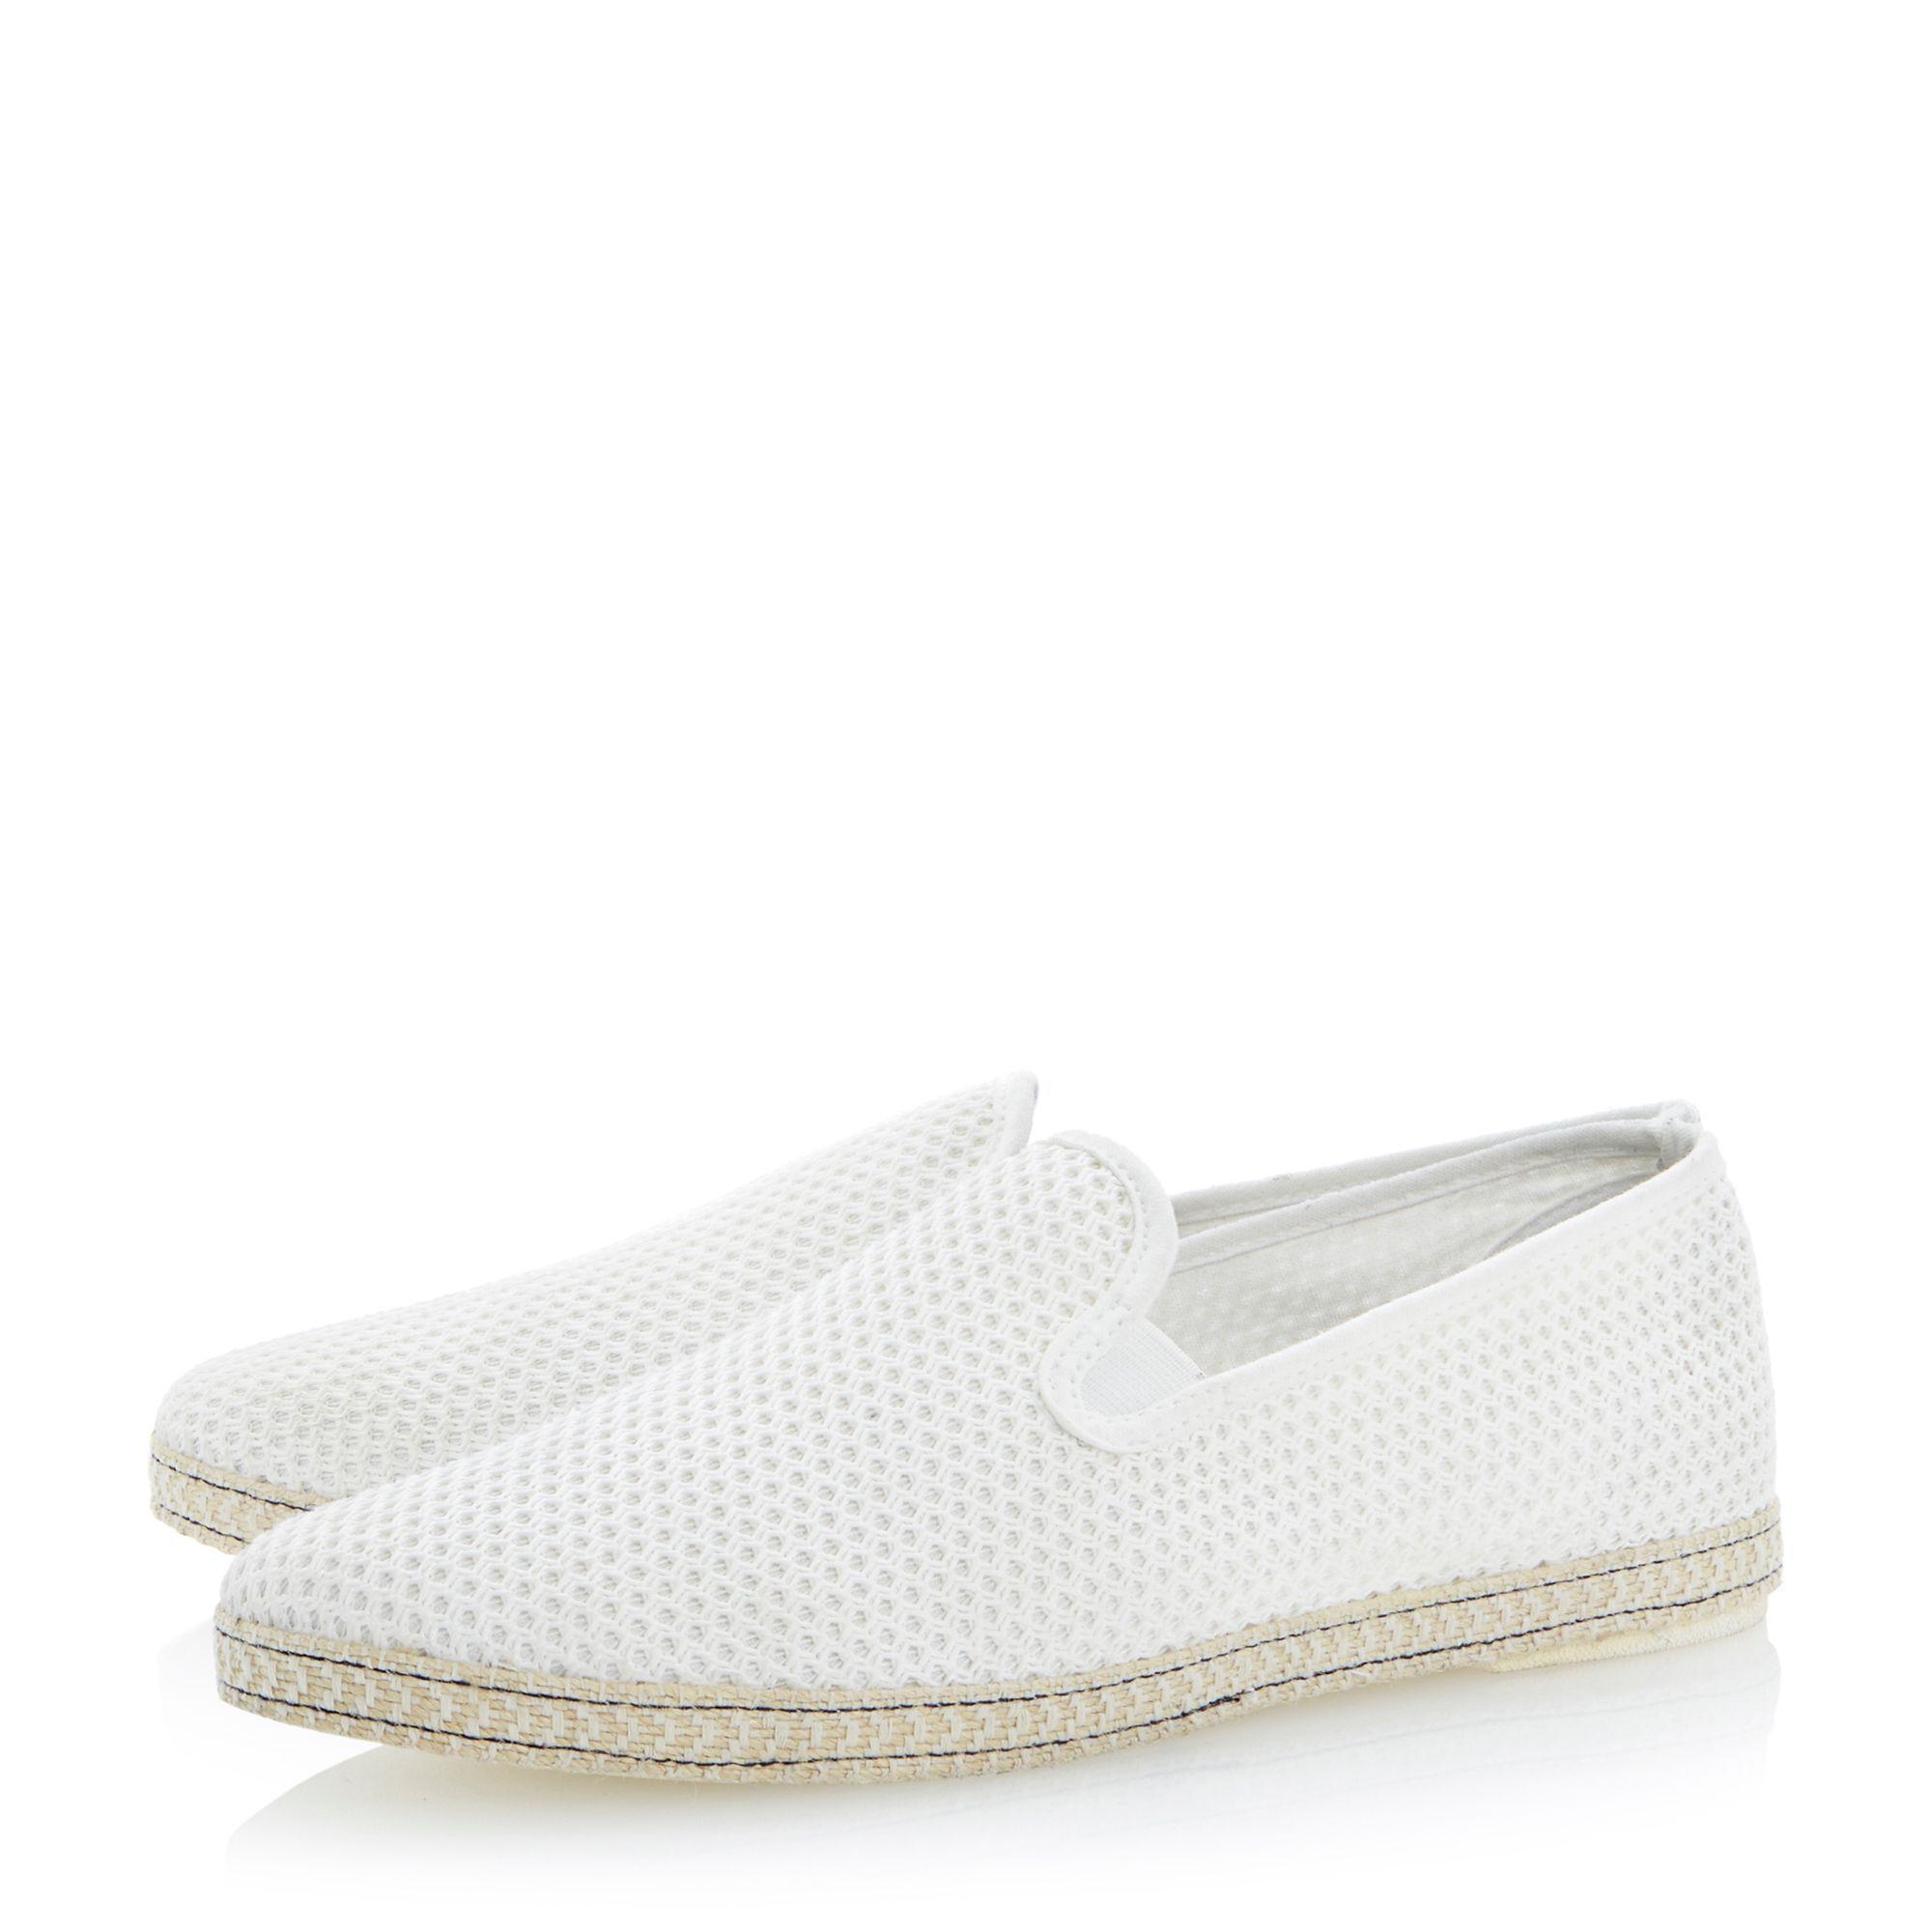 b011096d204b Dune - Off White  fence  Mesh Slip On Espadrille Shoes for Men - Lyst. View  fullscreen